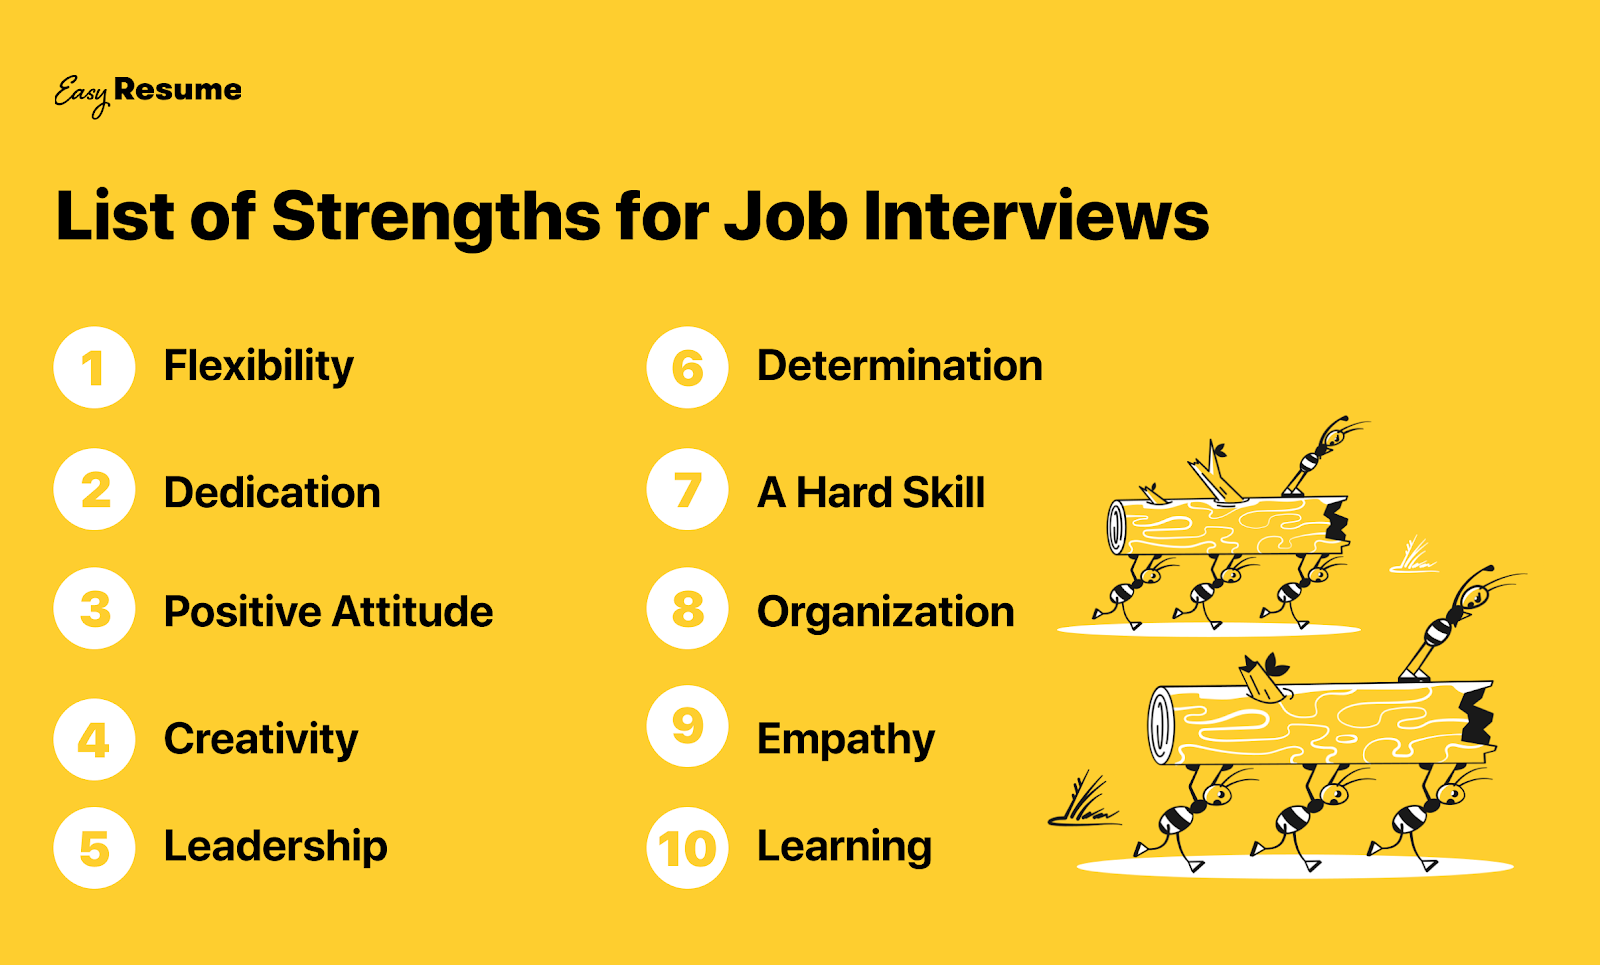 List of strengths for job interviews